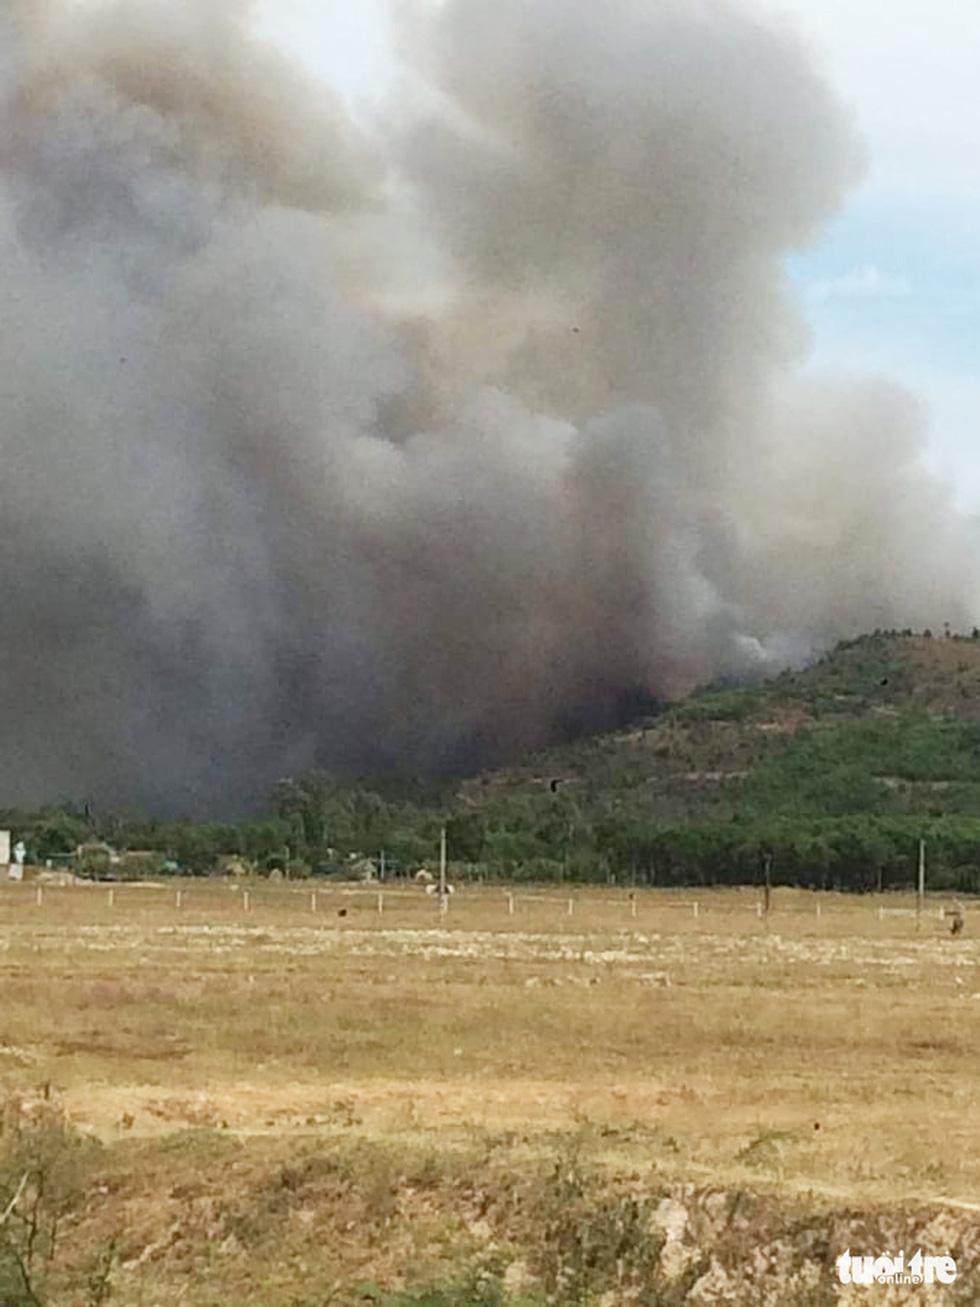 Lại cháy rừng dữ dội trong nắng nóng - Ảnh 2.